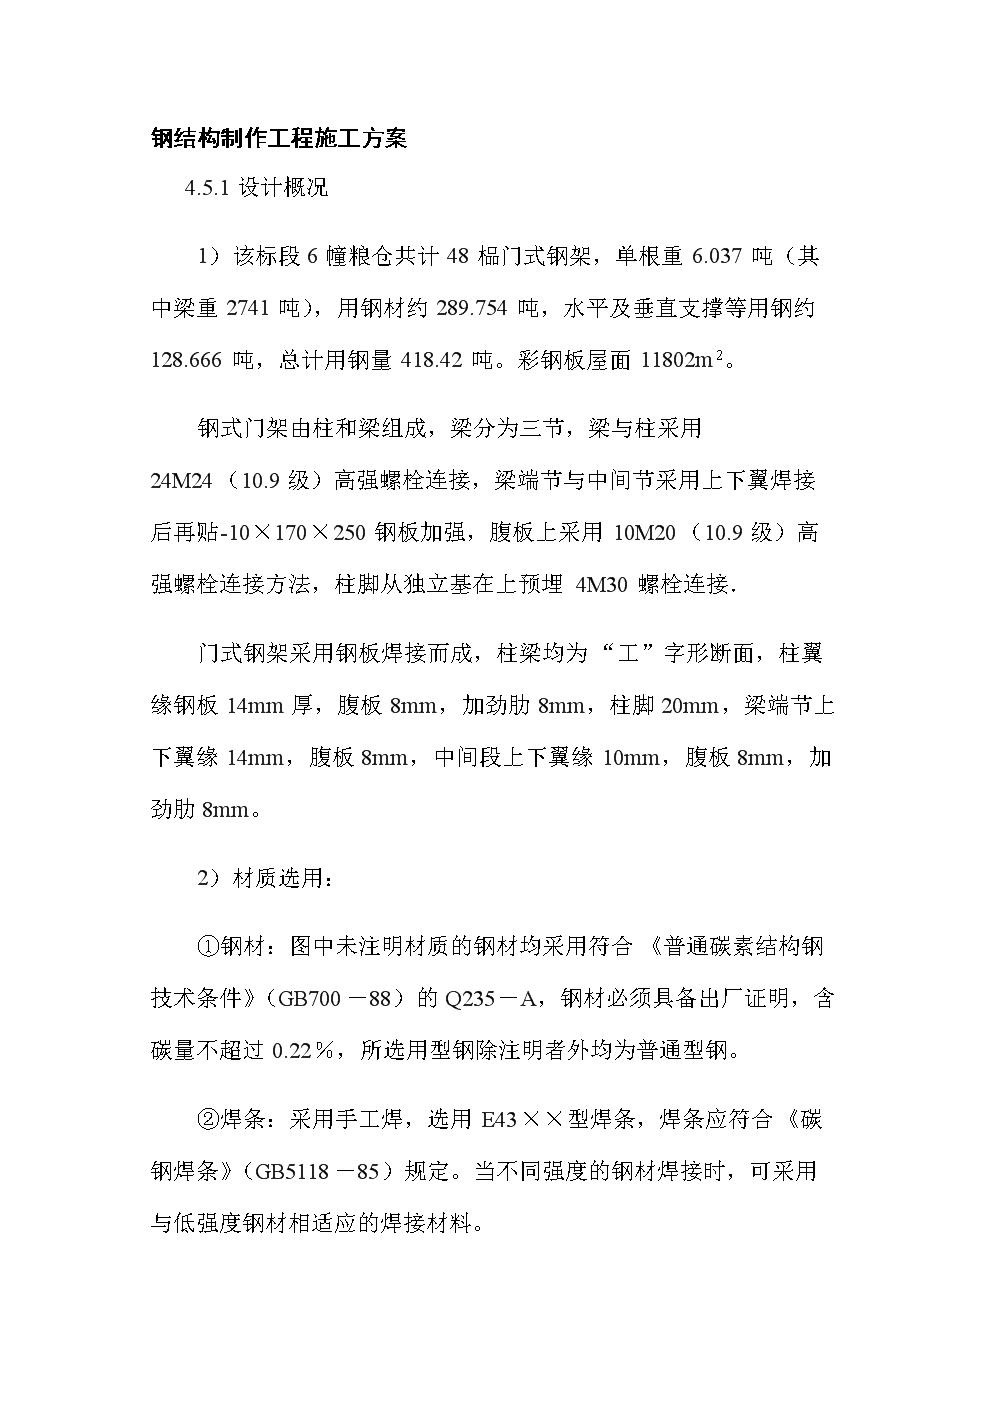 钢结构制作工程施工方案.docx